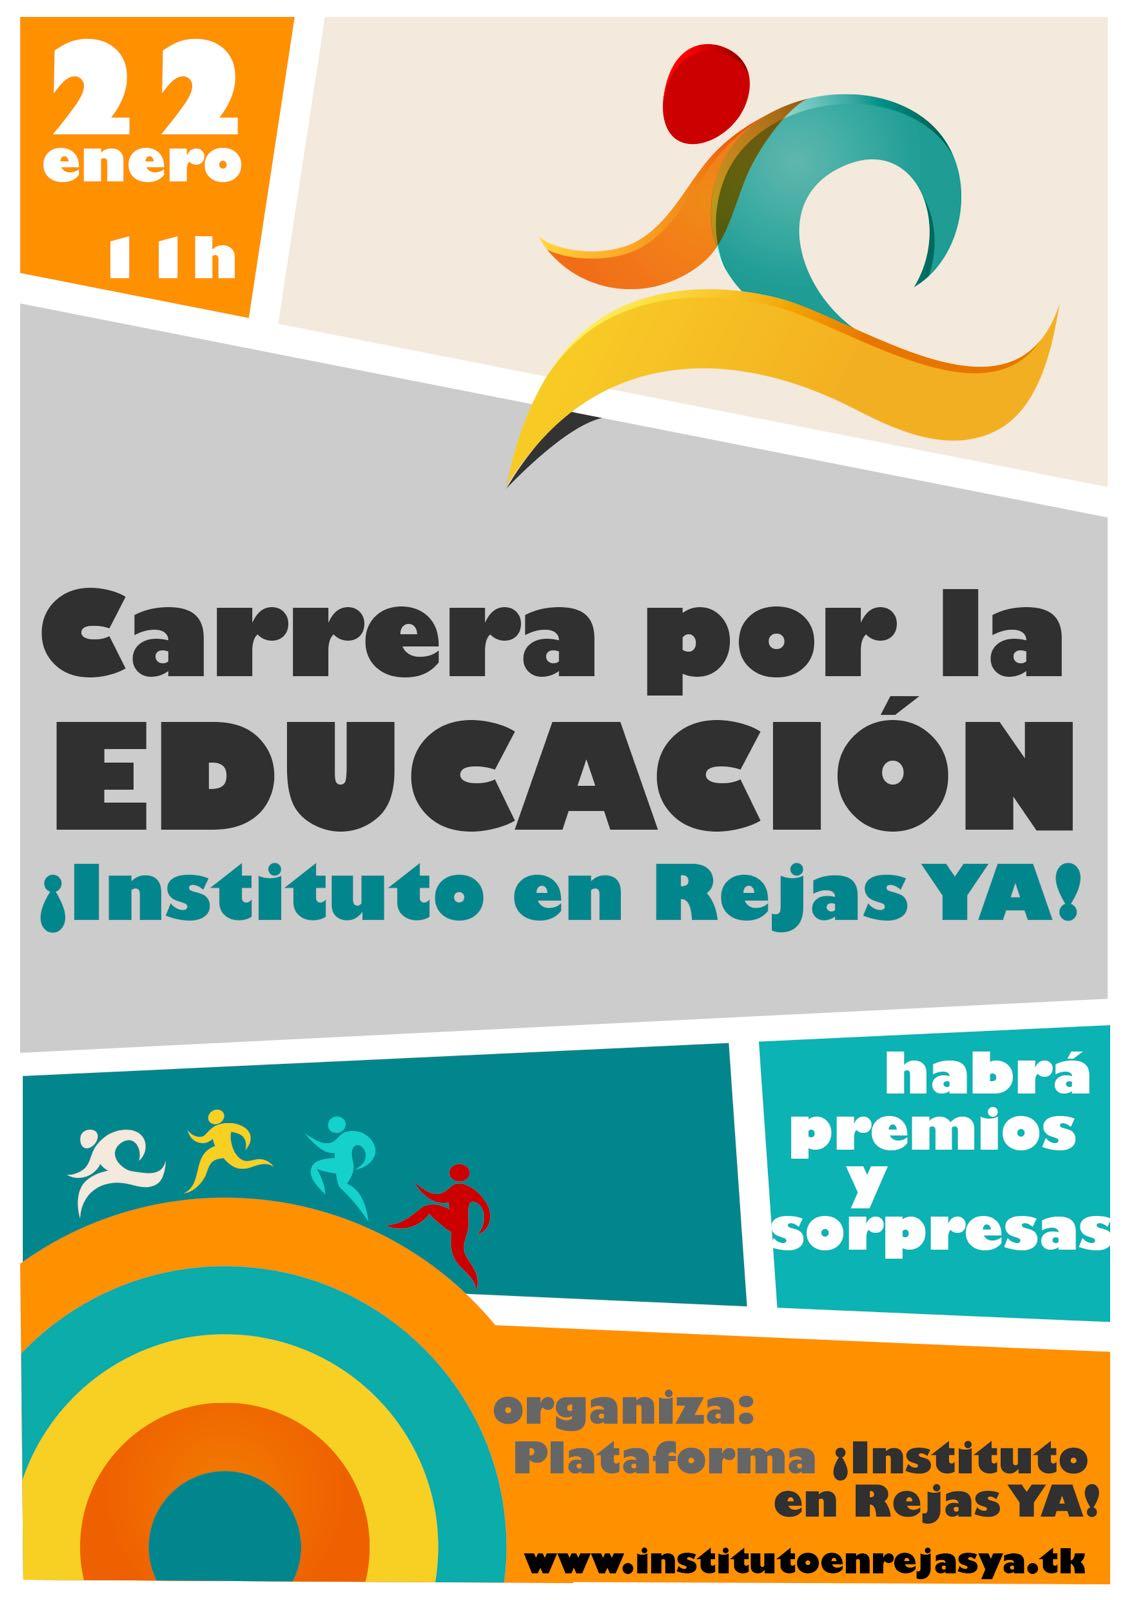 Carrera por la Educación Instituto en Rejas ¡YA!